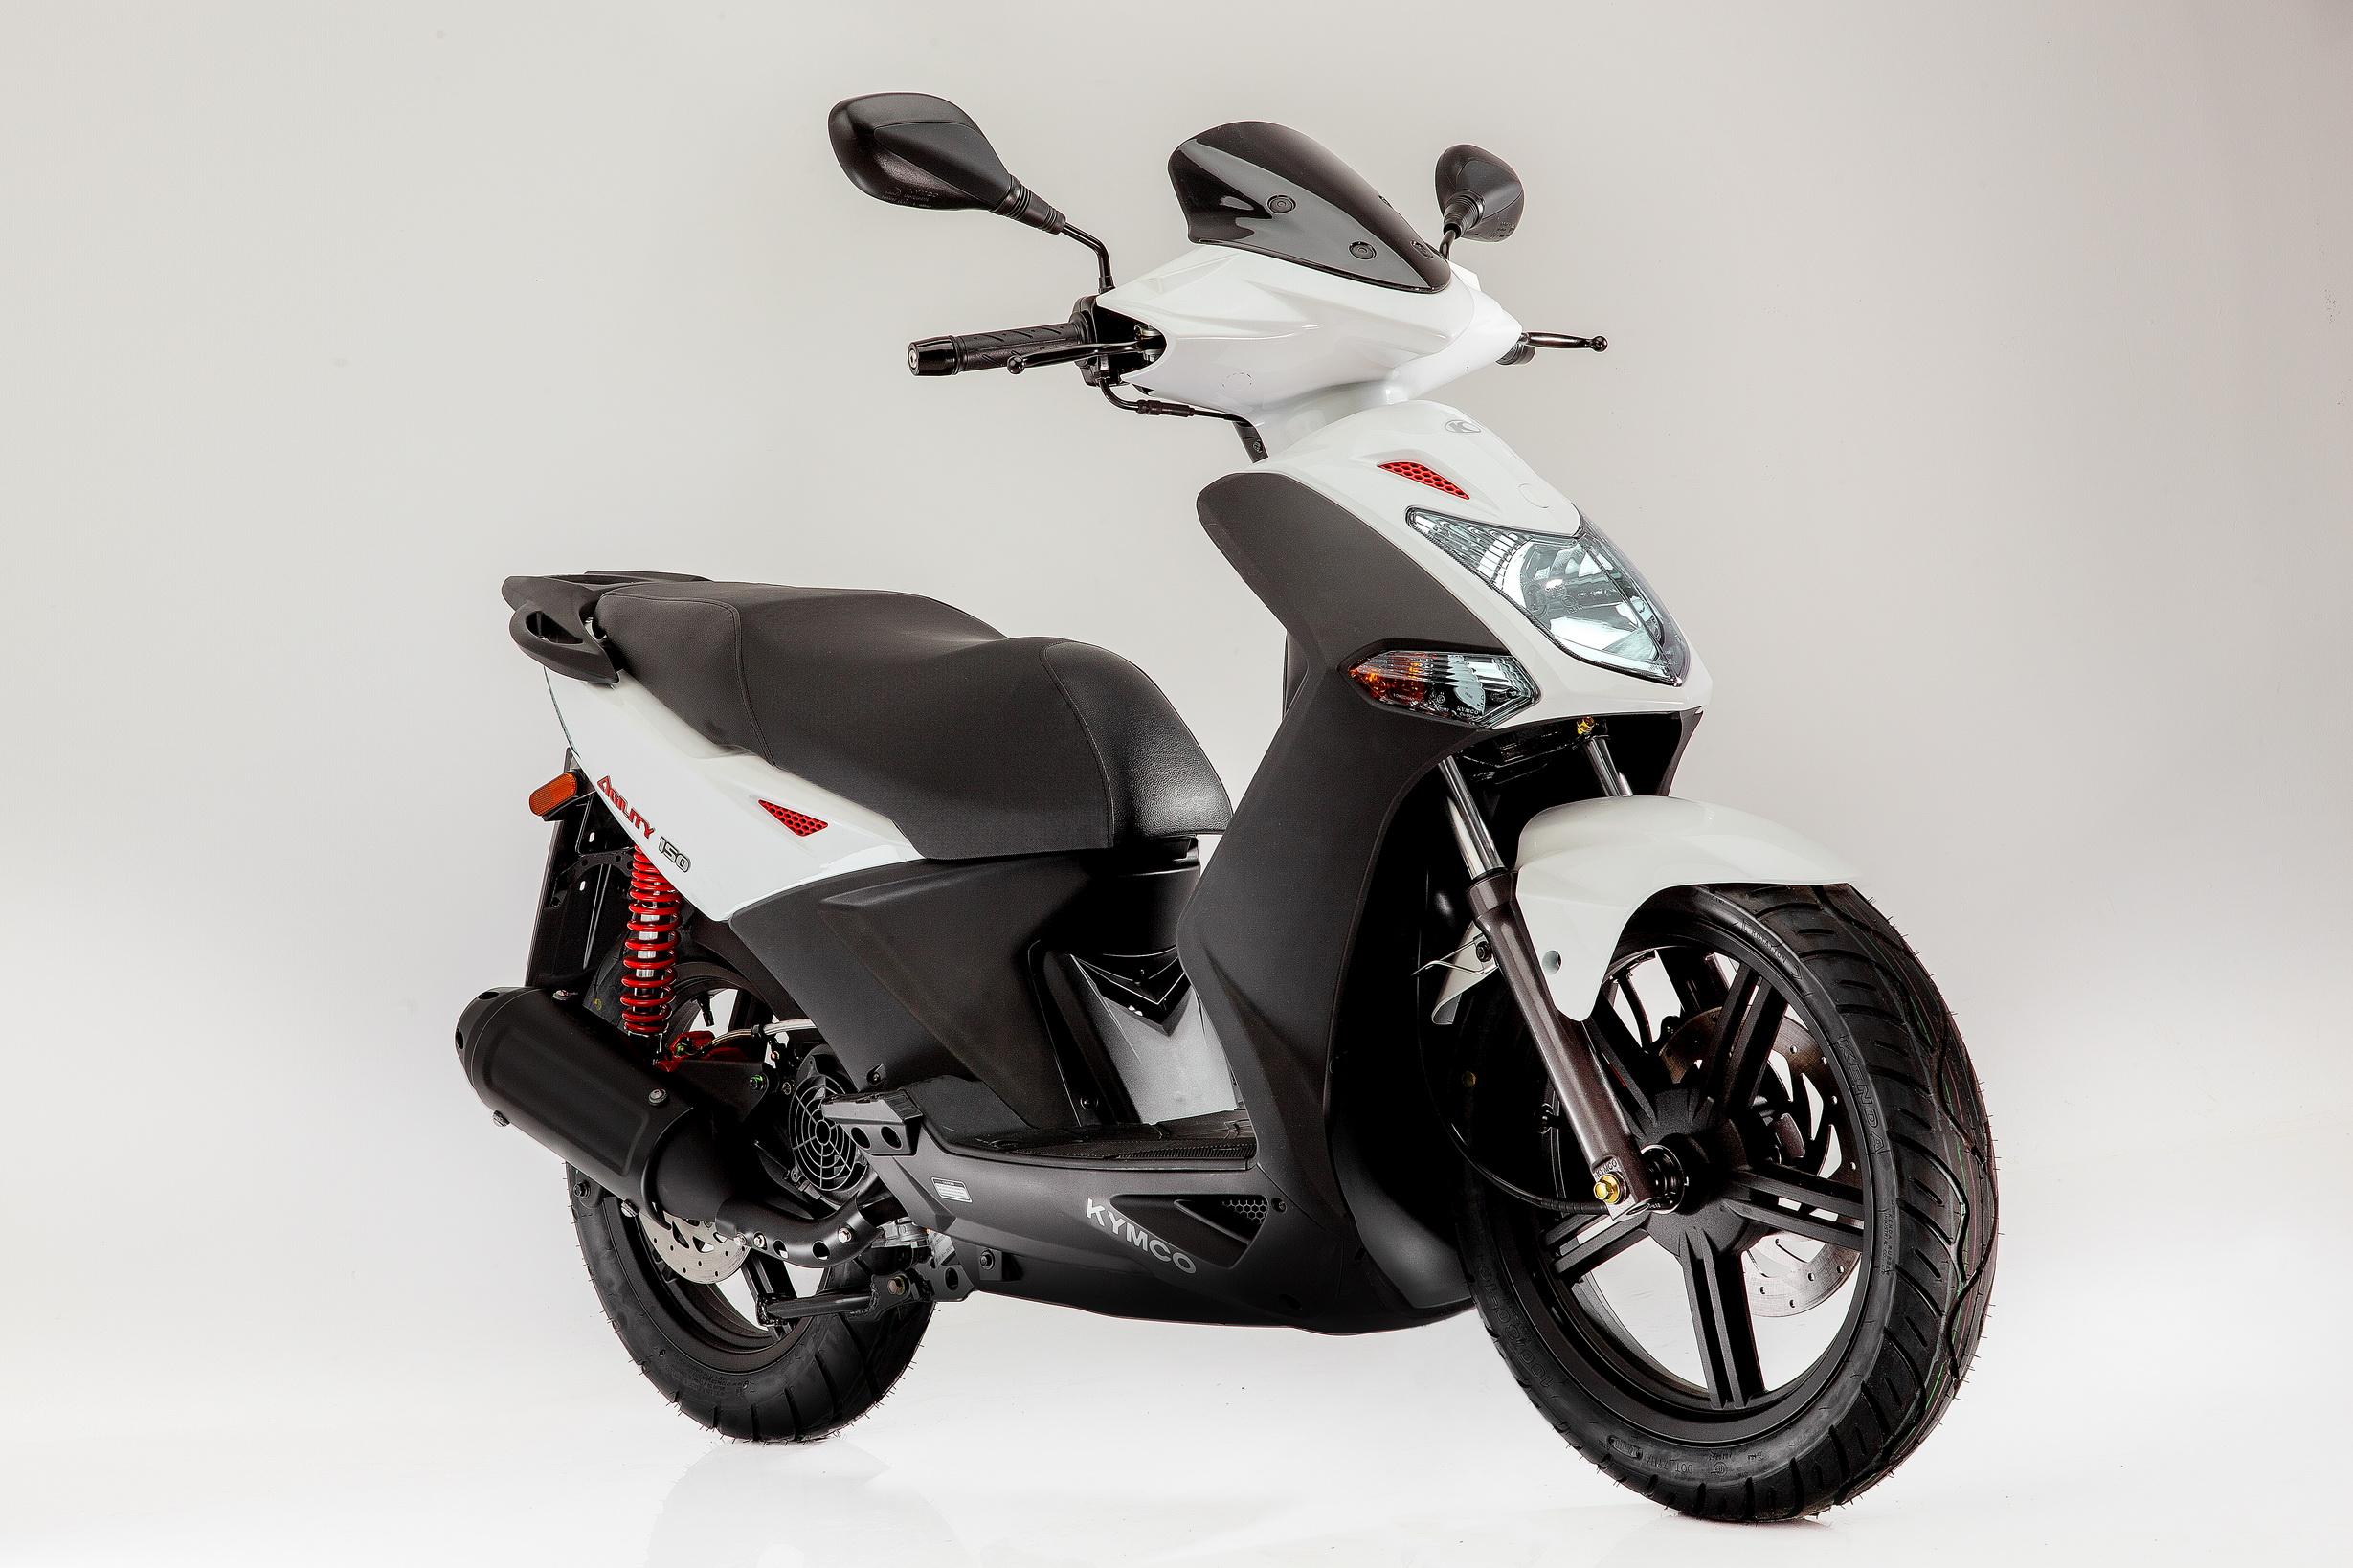 Kymco Agility 125cc white